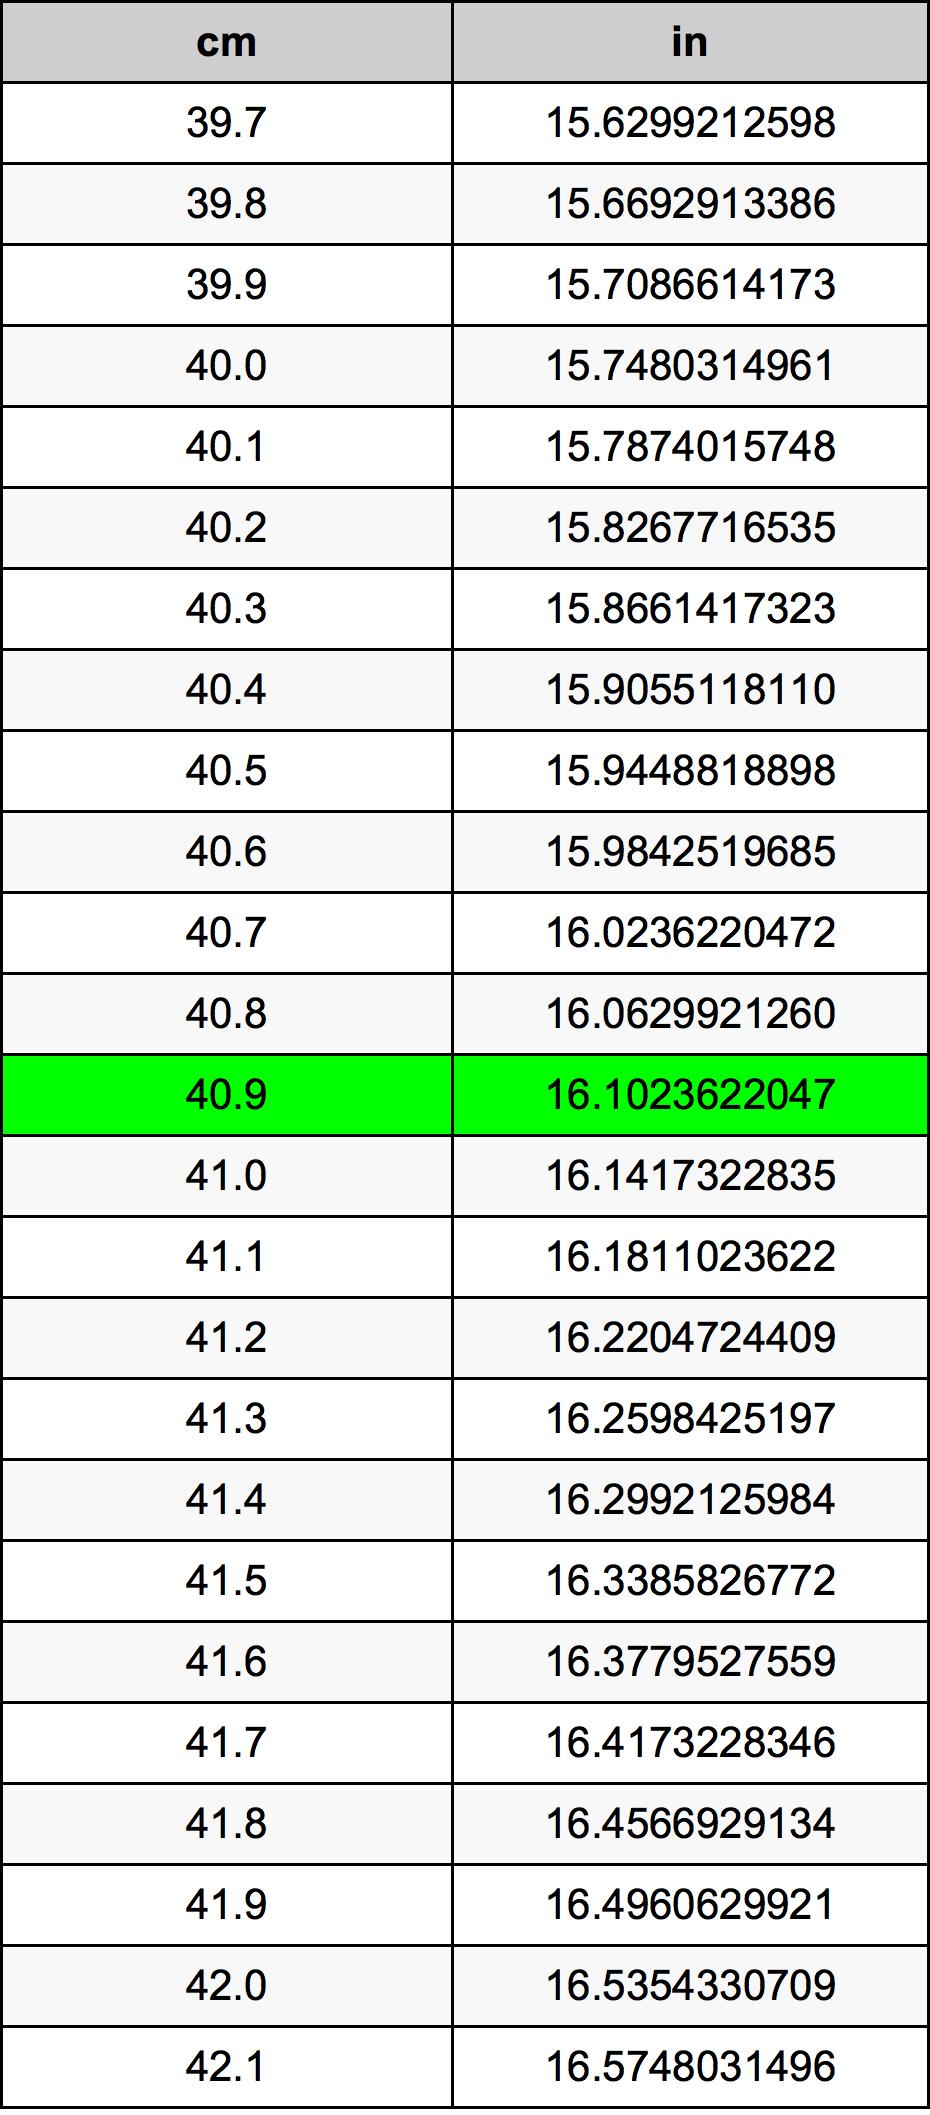 40.9 Centimeter conversietabel